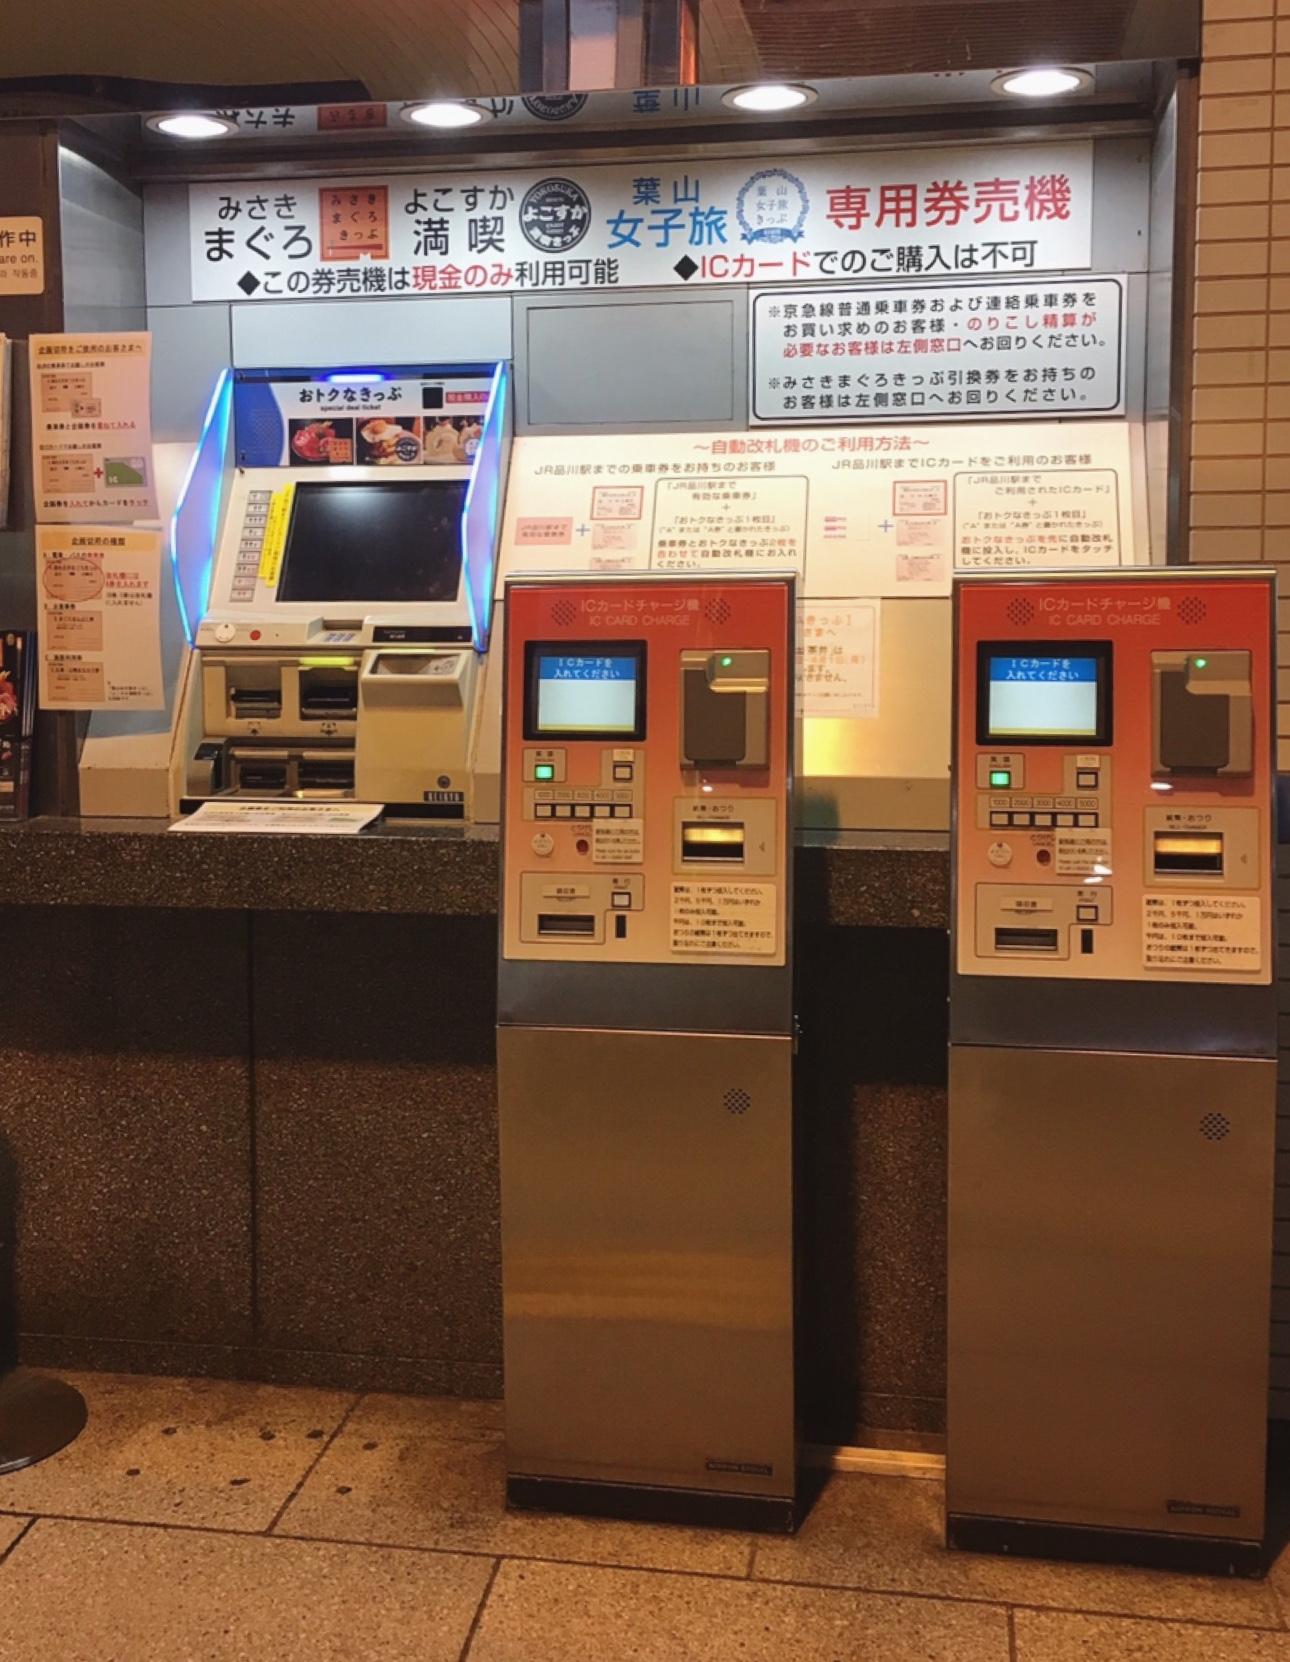 品川駅にはJR連絡口改札に専用券売機が設置されています